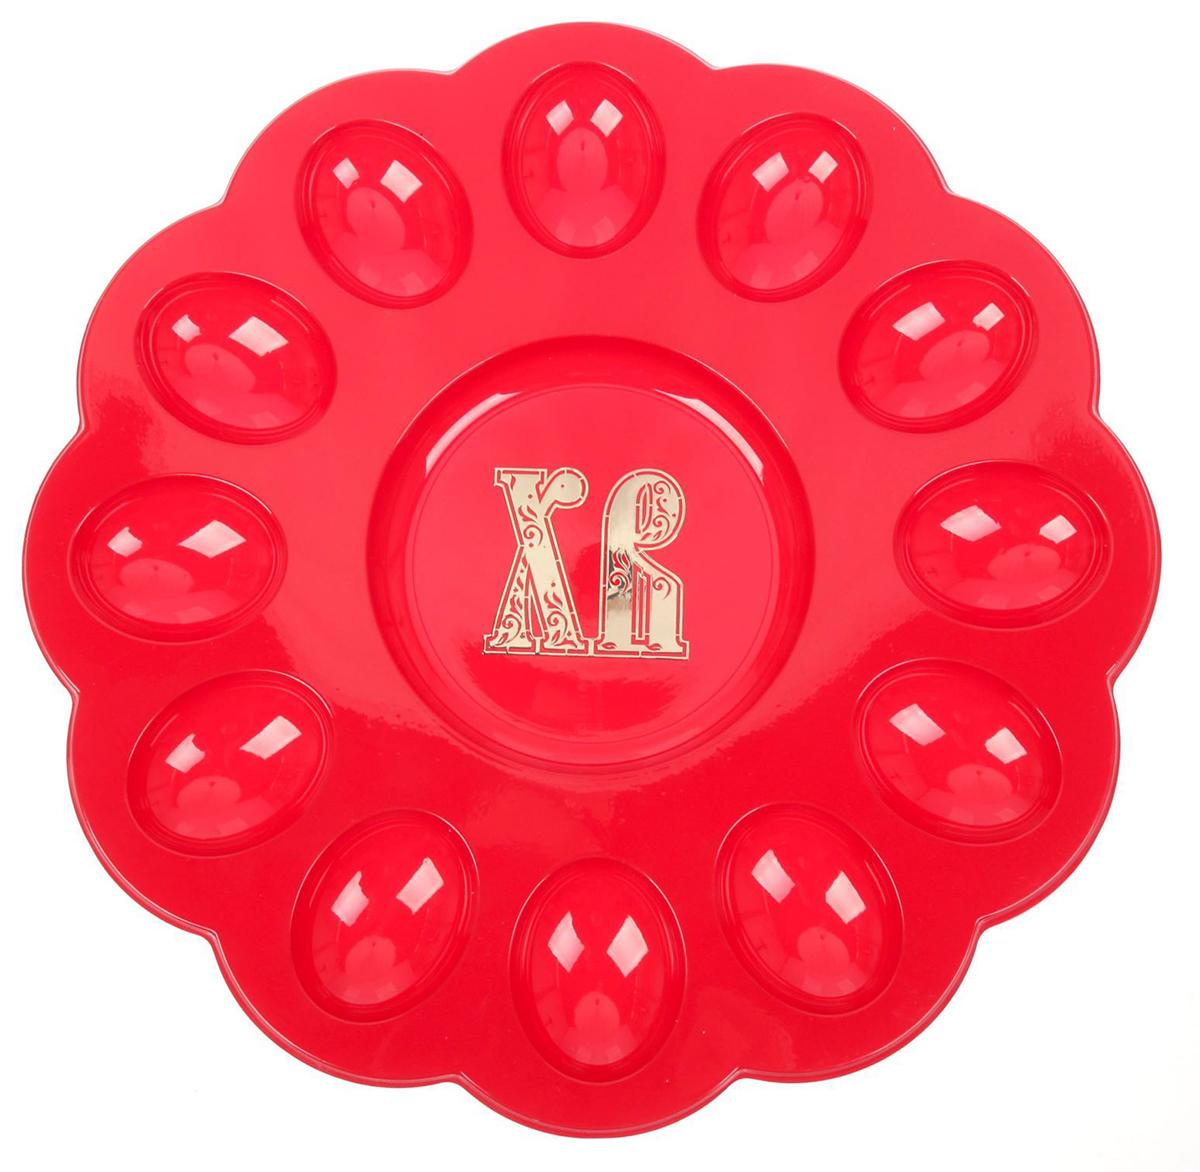 Подставка для яйца ХВ, цвет: красный, на 12 яиц и кулич, 30 х 30 см. 1653910 подставка для яйца городетская на 8 яиц и кулич 24 х 25 см 1653890